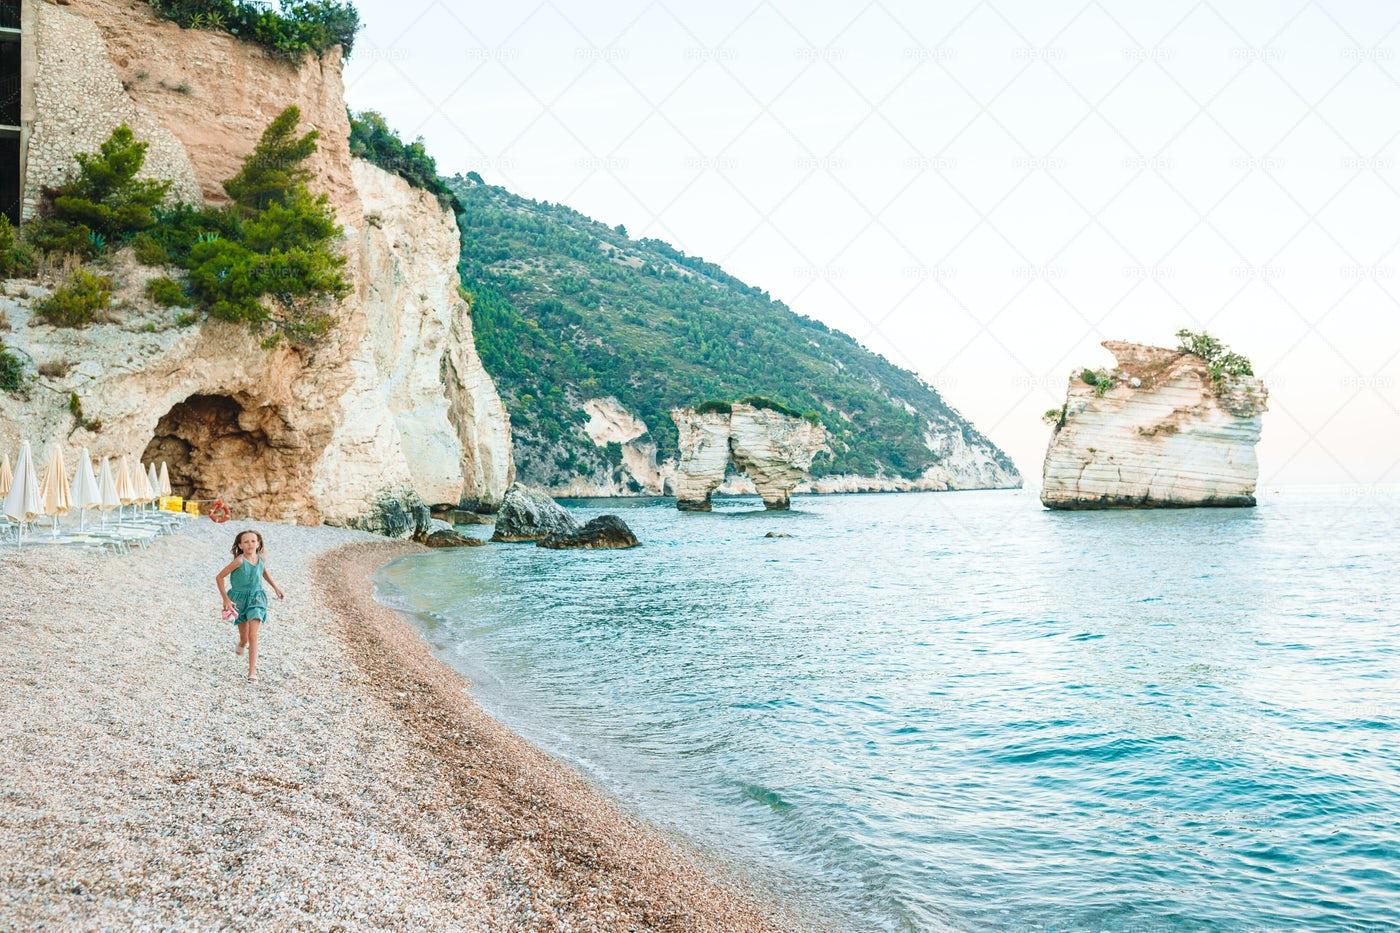 Kid Runs On Beach: Stock Photos